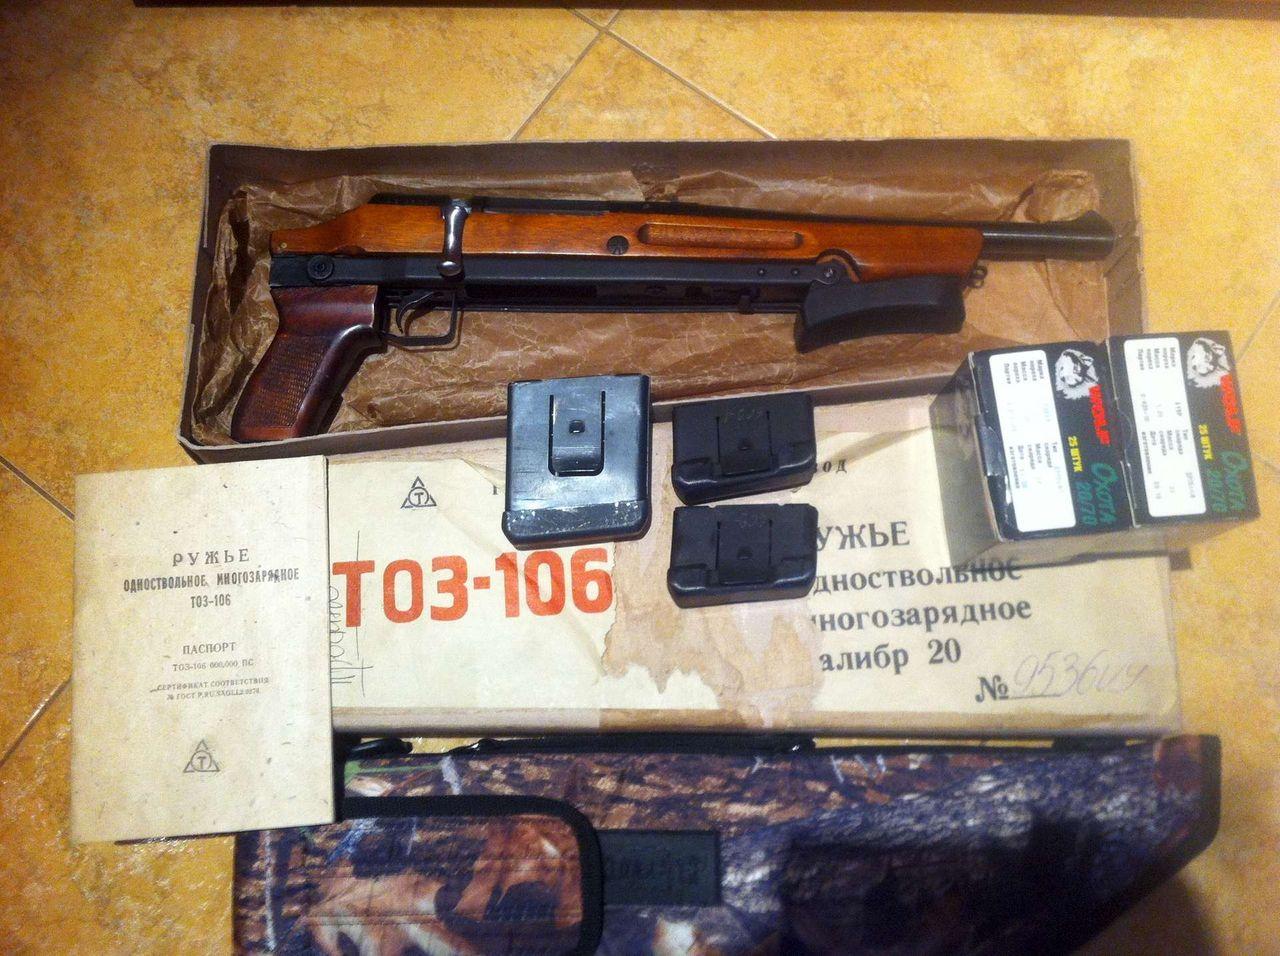 В комплекте 2 магазина на 4 патрона, 1 на 10 патронов, принадлежности, 2 пачки патронов (пульные и дробовые)